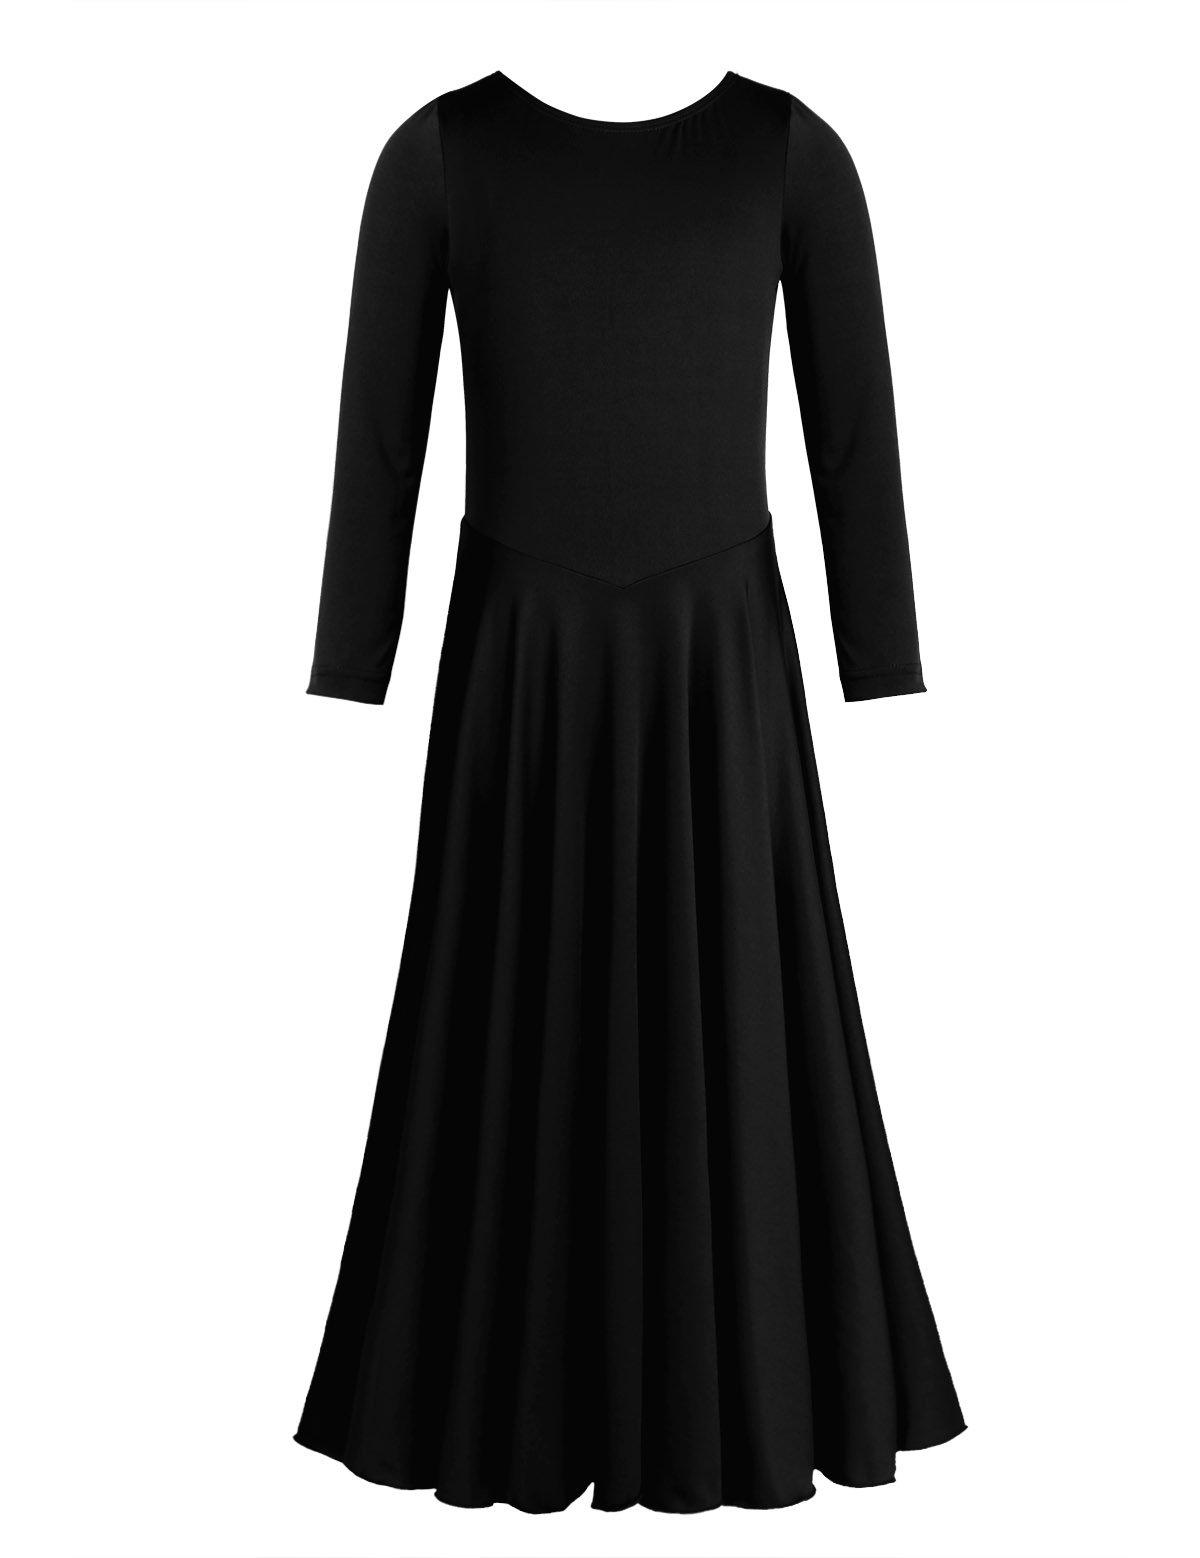 CHICTRY Girl's Child Elegant Liturgical Praise Full Length Long Sleeve Dance Dress Black 8